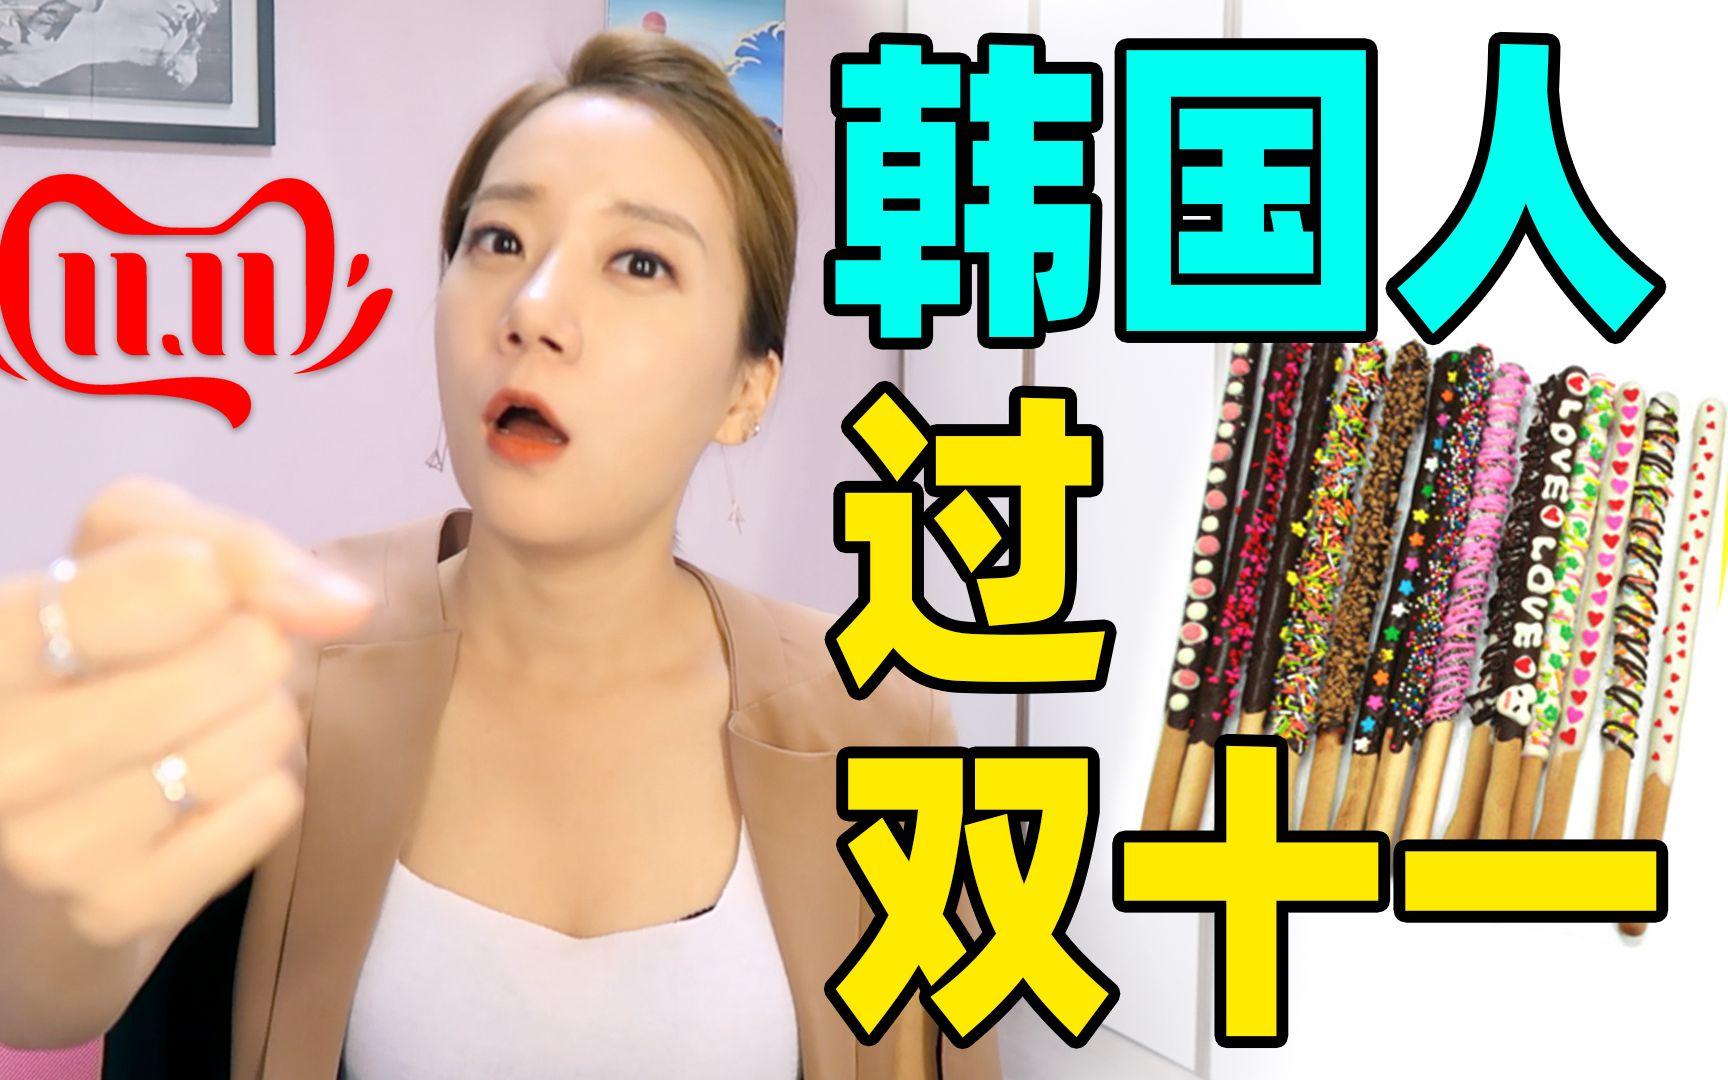 韩国人效仿中国双十一,结果韩国人都不知道还在跨国逛淘宝?